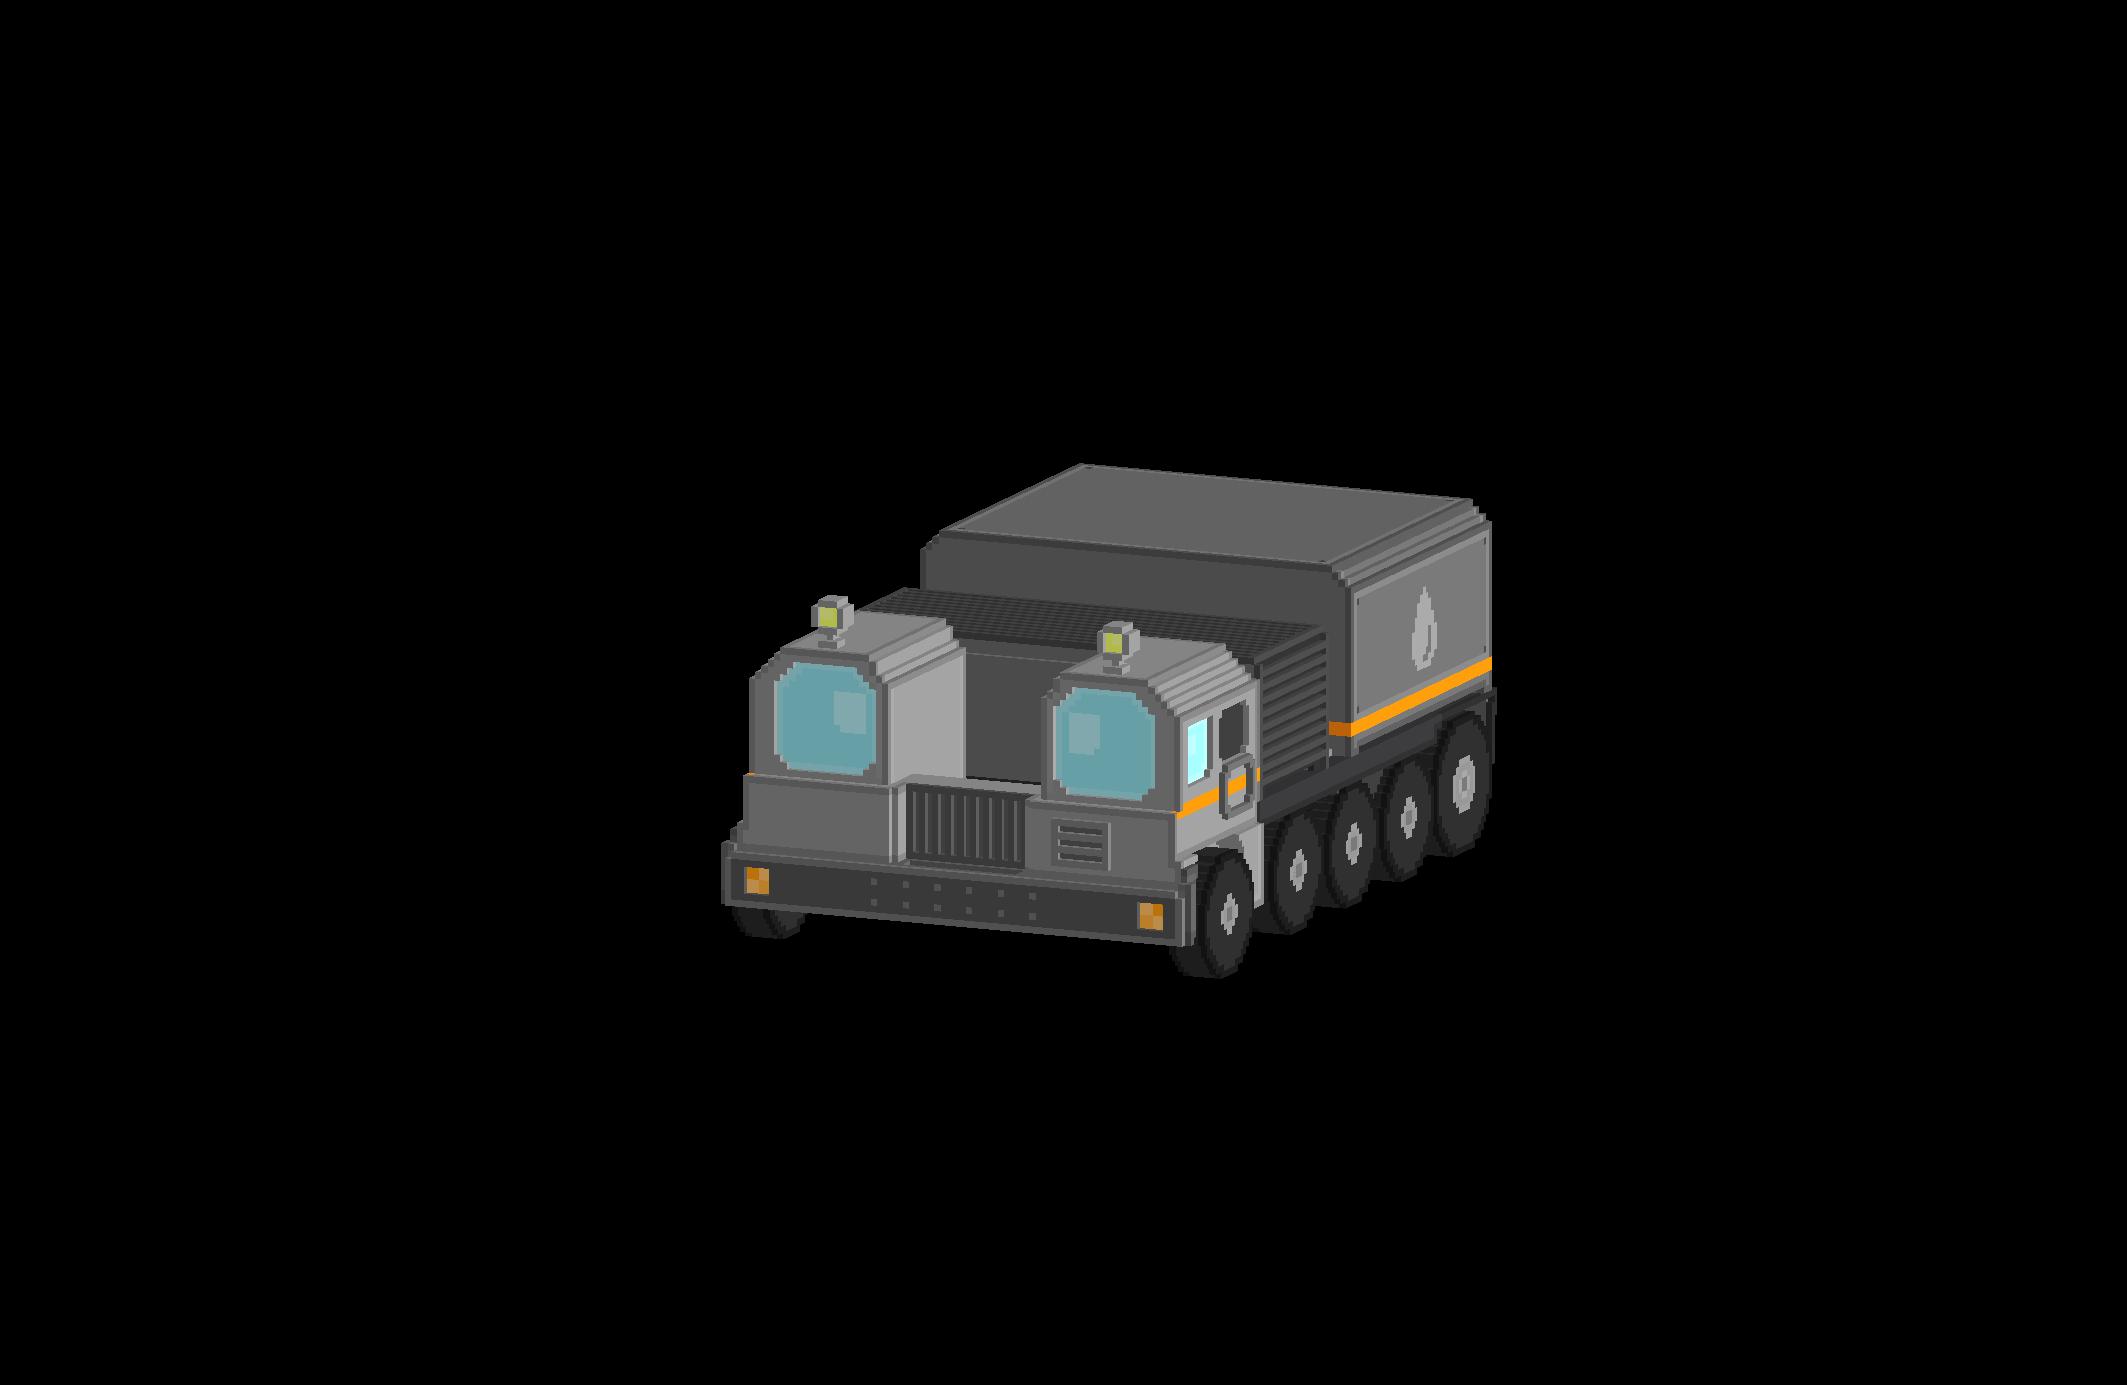 MiningTruck2.png